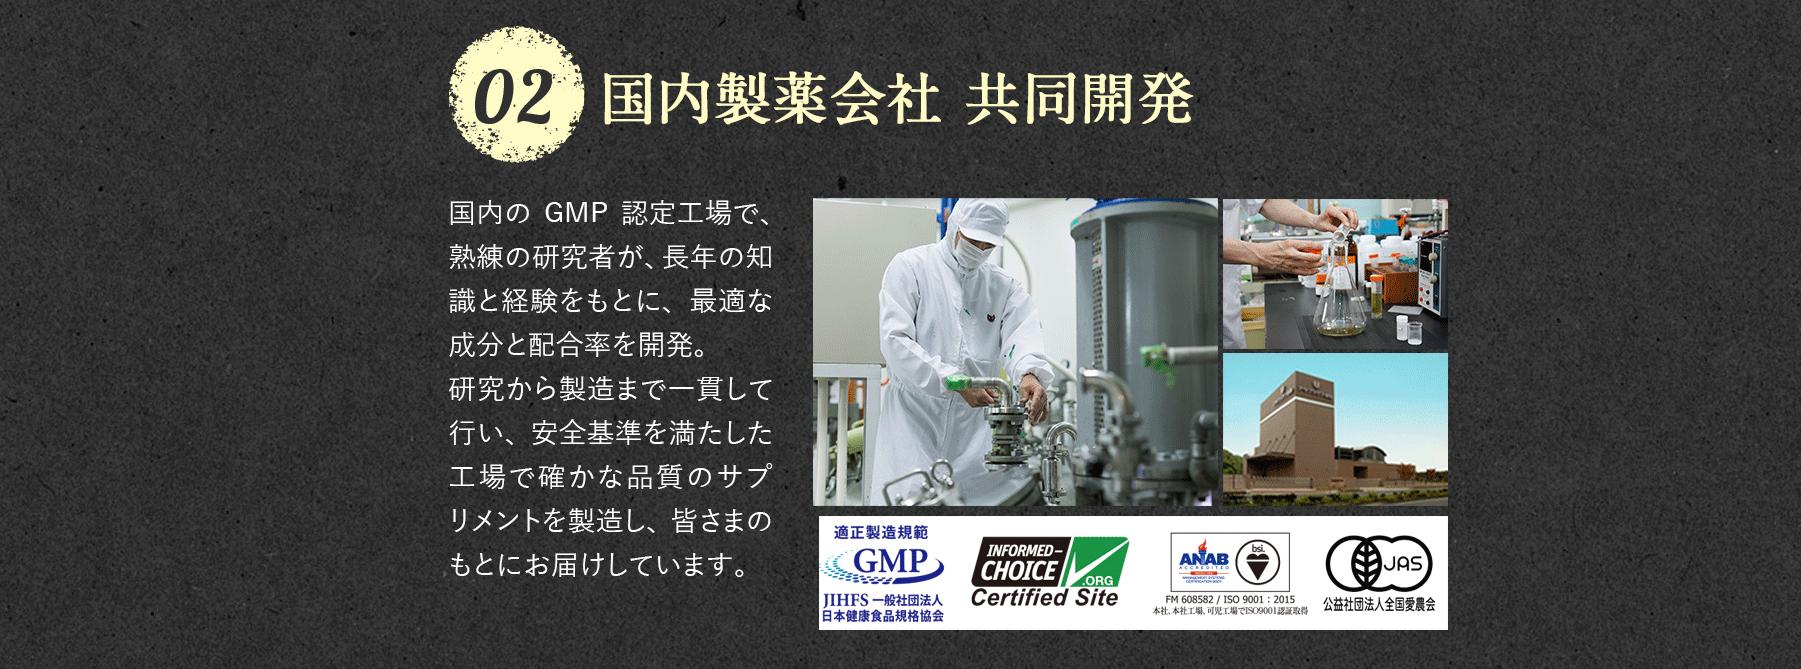 02 国内製薬会社 共同開発